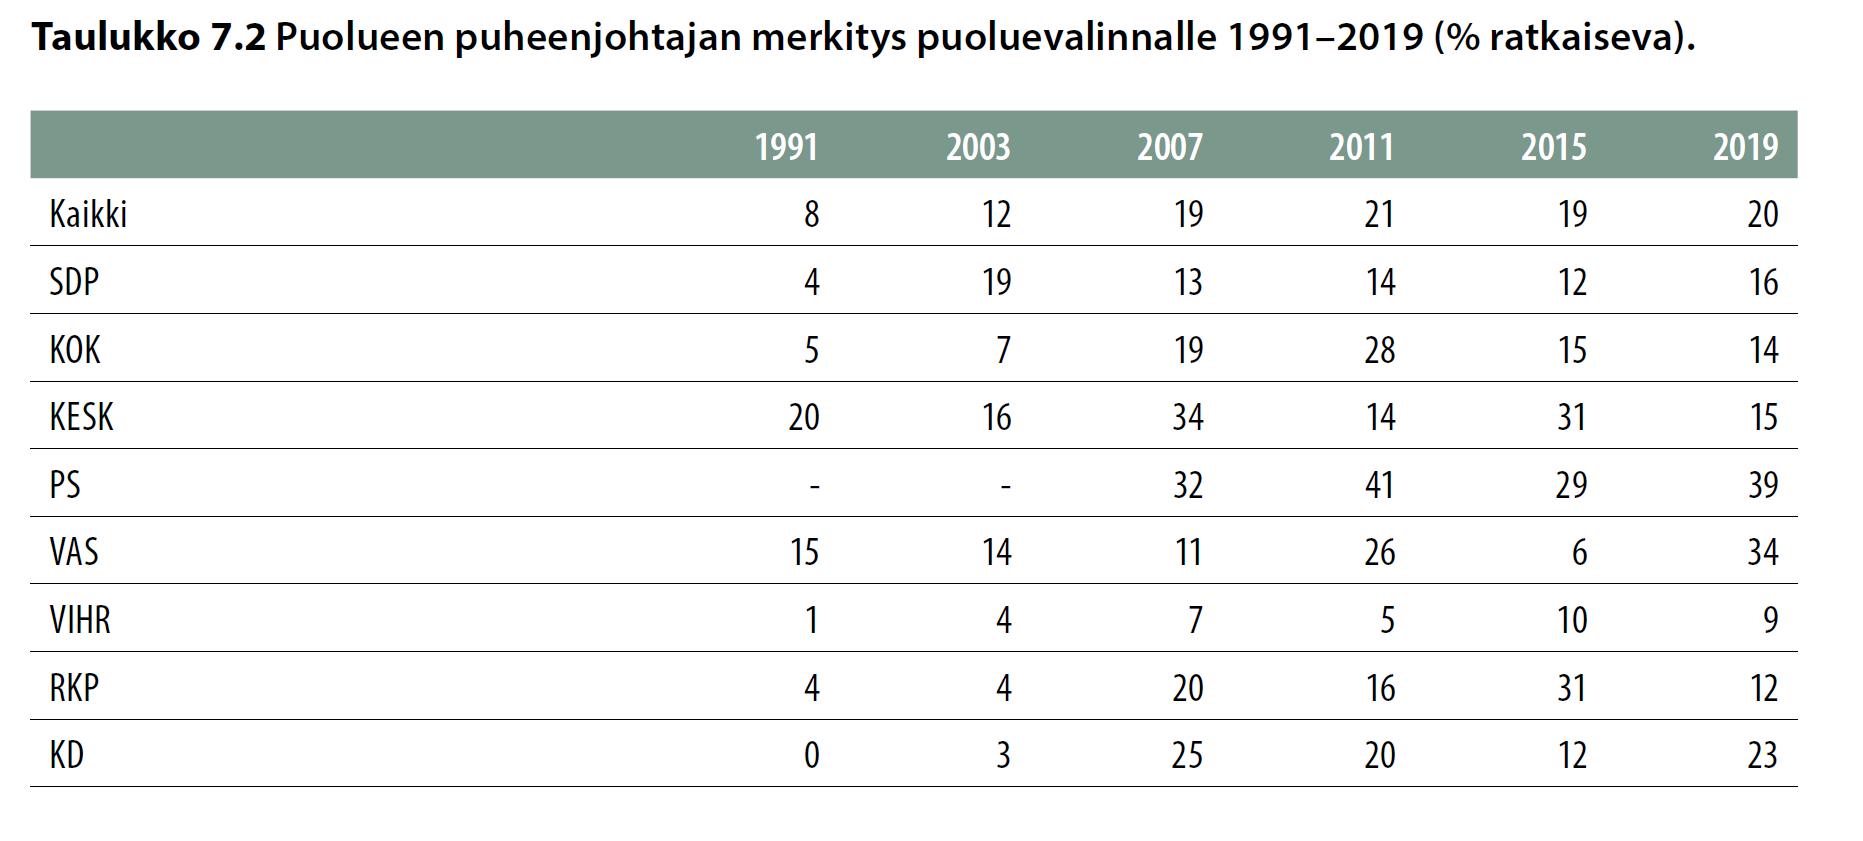 Puoluuen puheenjohtajan merkitys puoluevalinnalle 1991-2019 (% ratkaiseva).